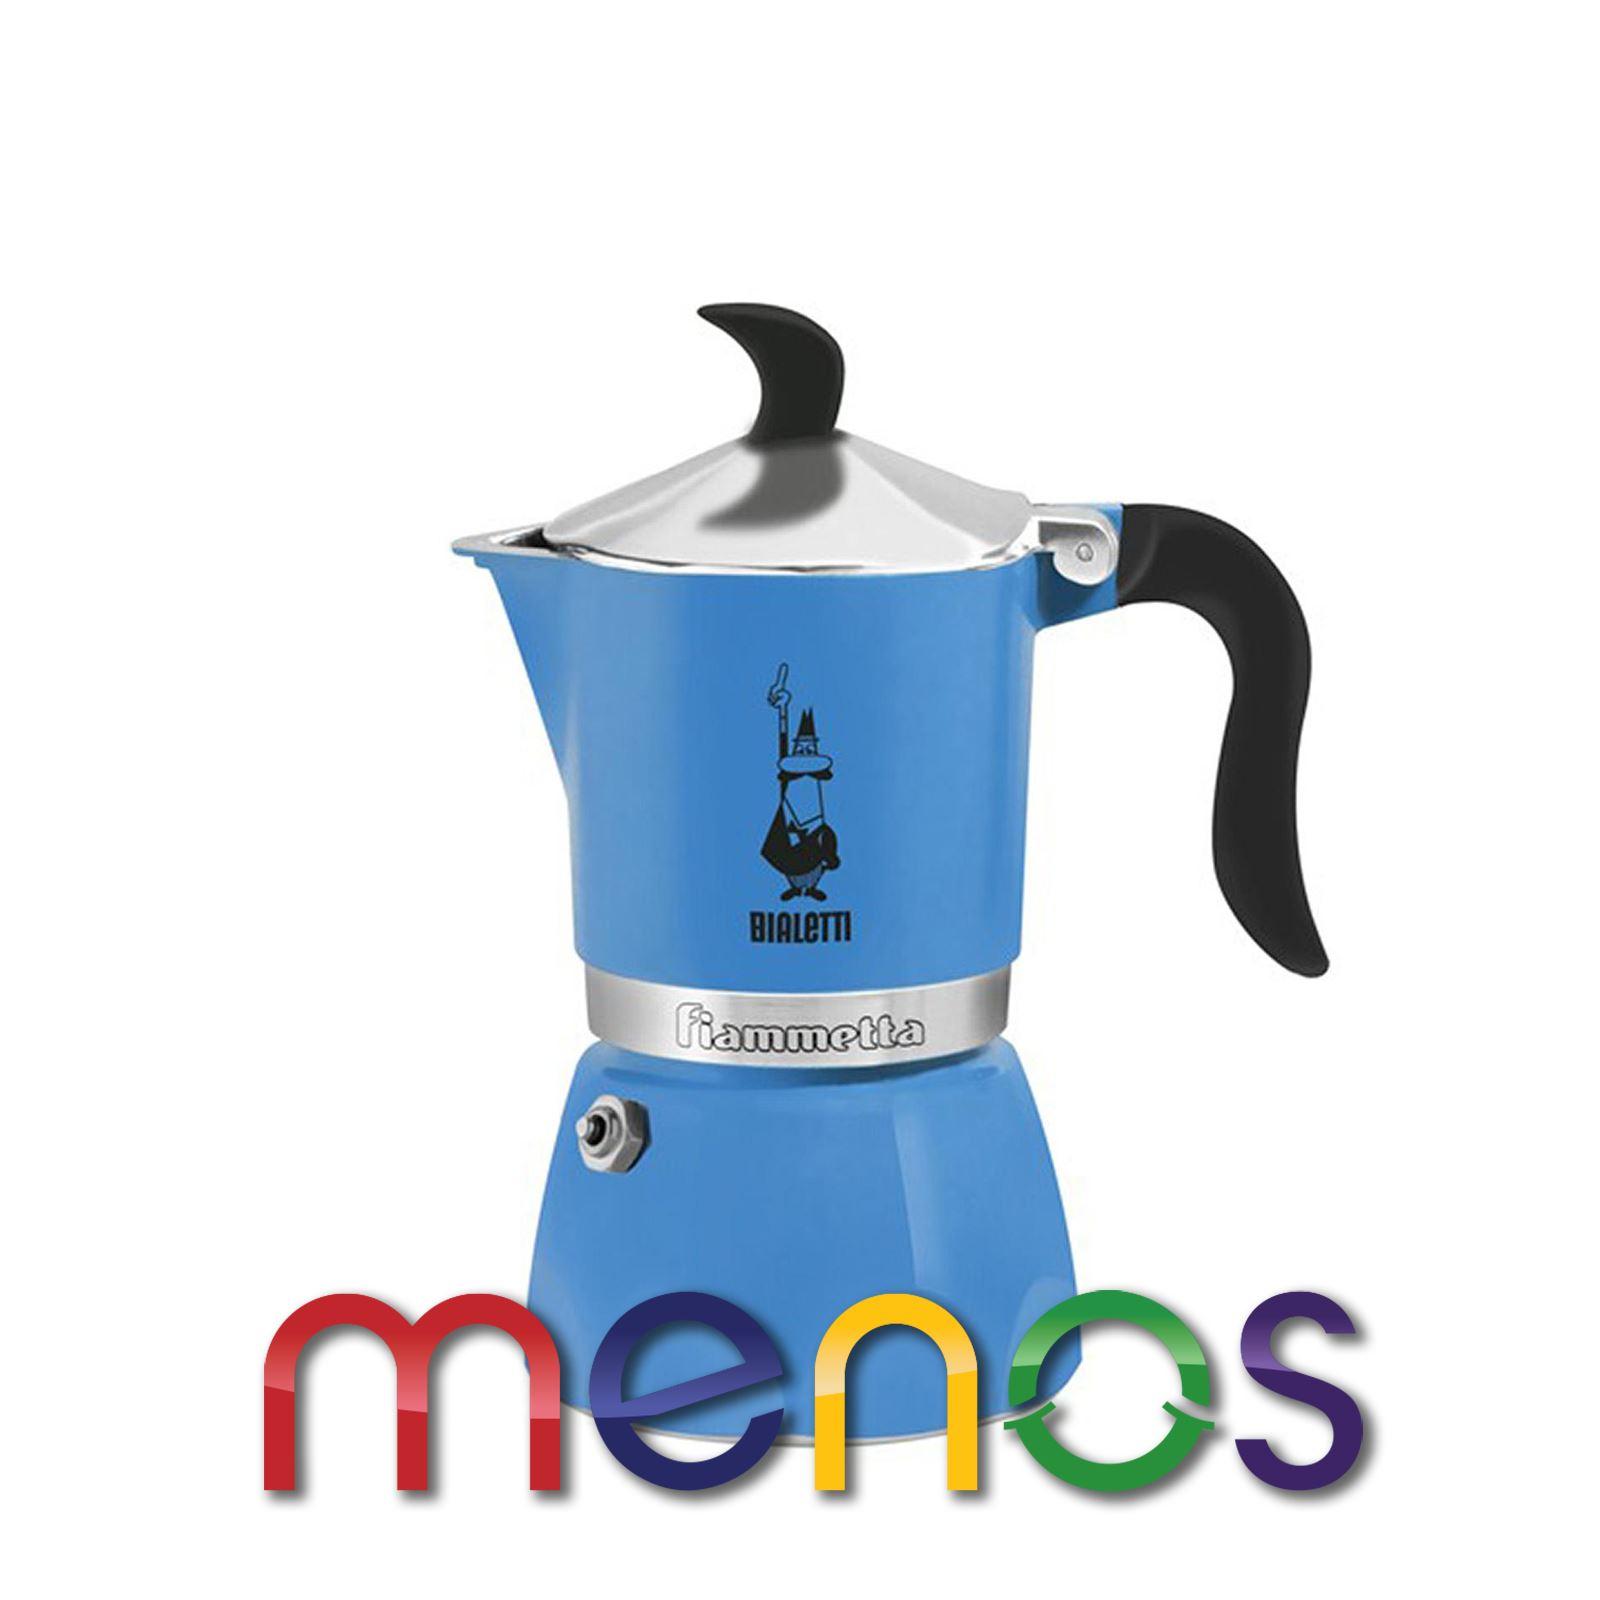 hob top espresso maker instructions